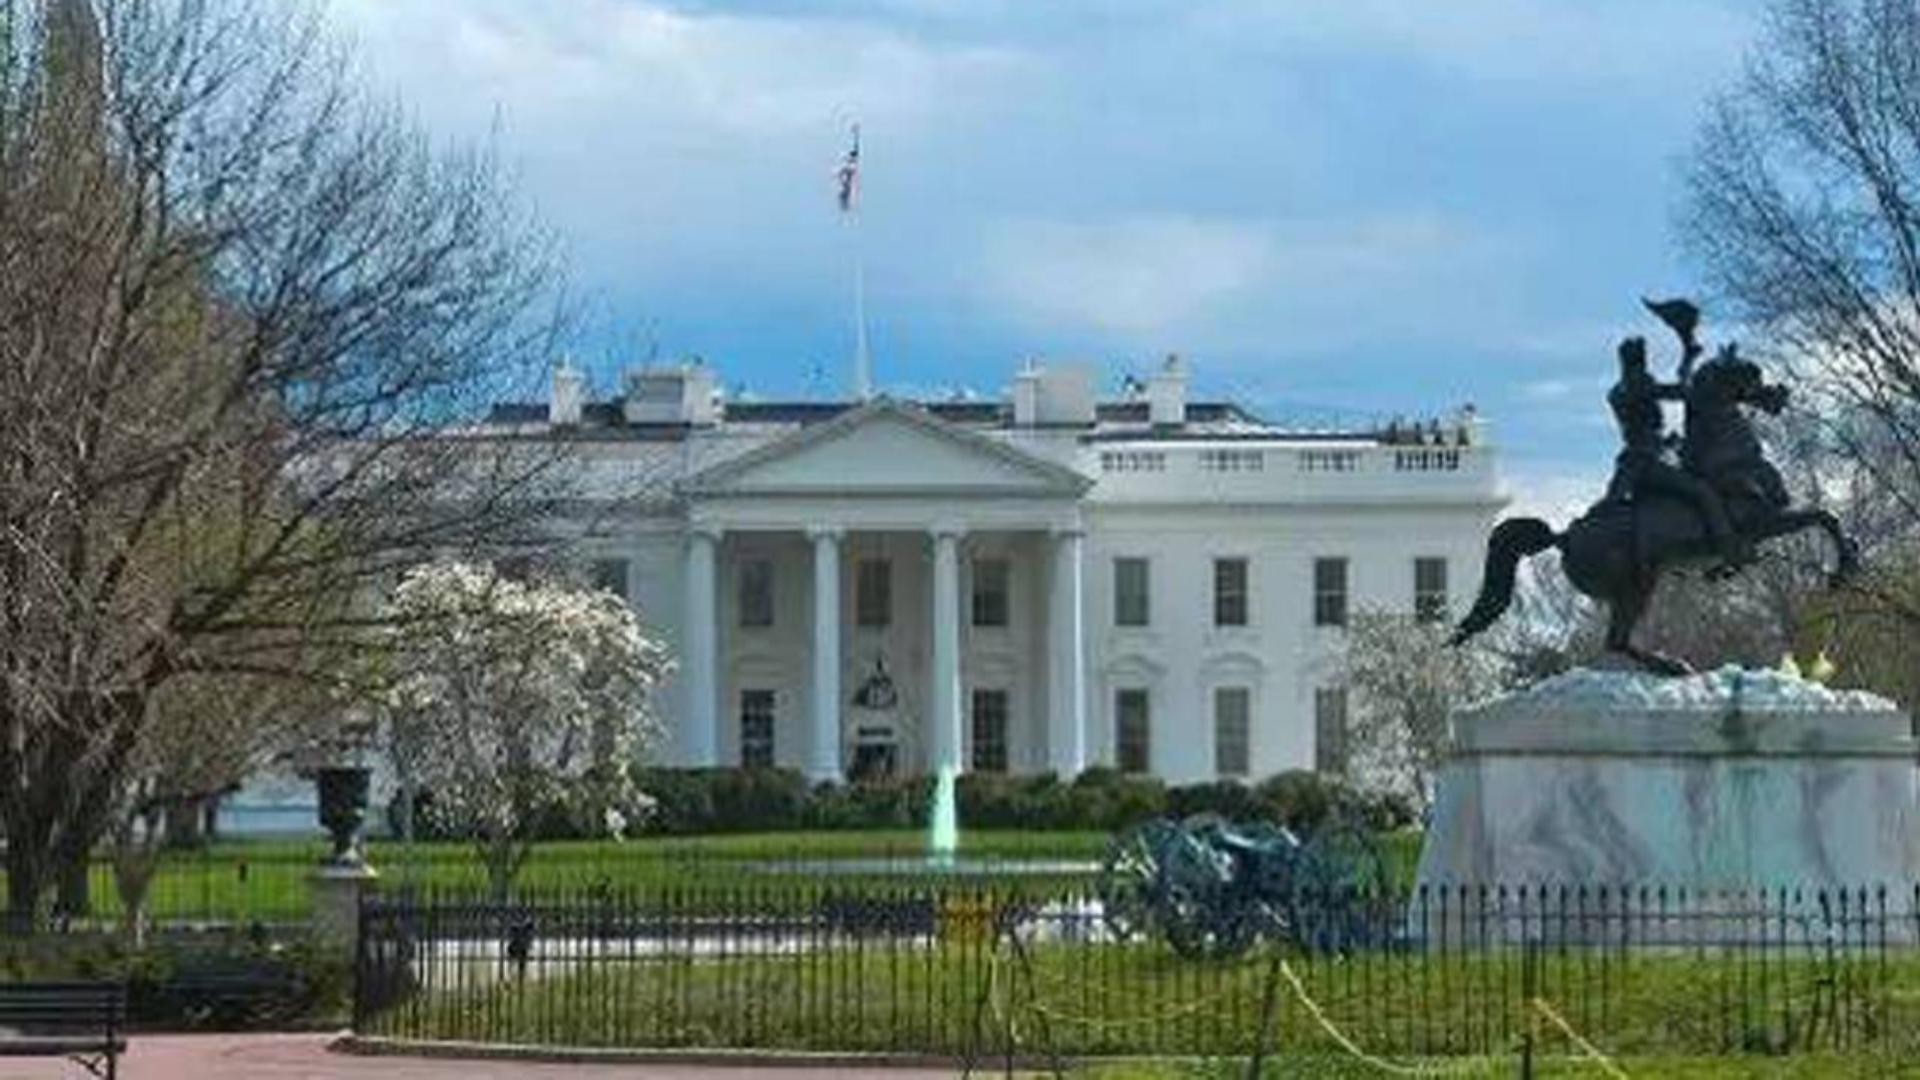 """白宫""""闹鬼""""事件,莫名听到奇怪声音,让人心惊胆战"""